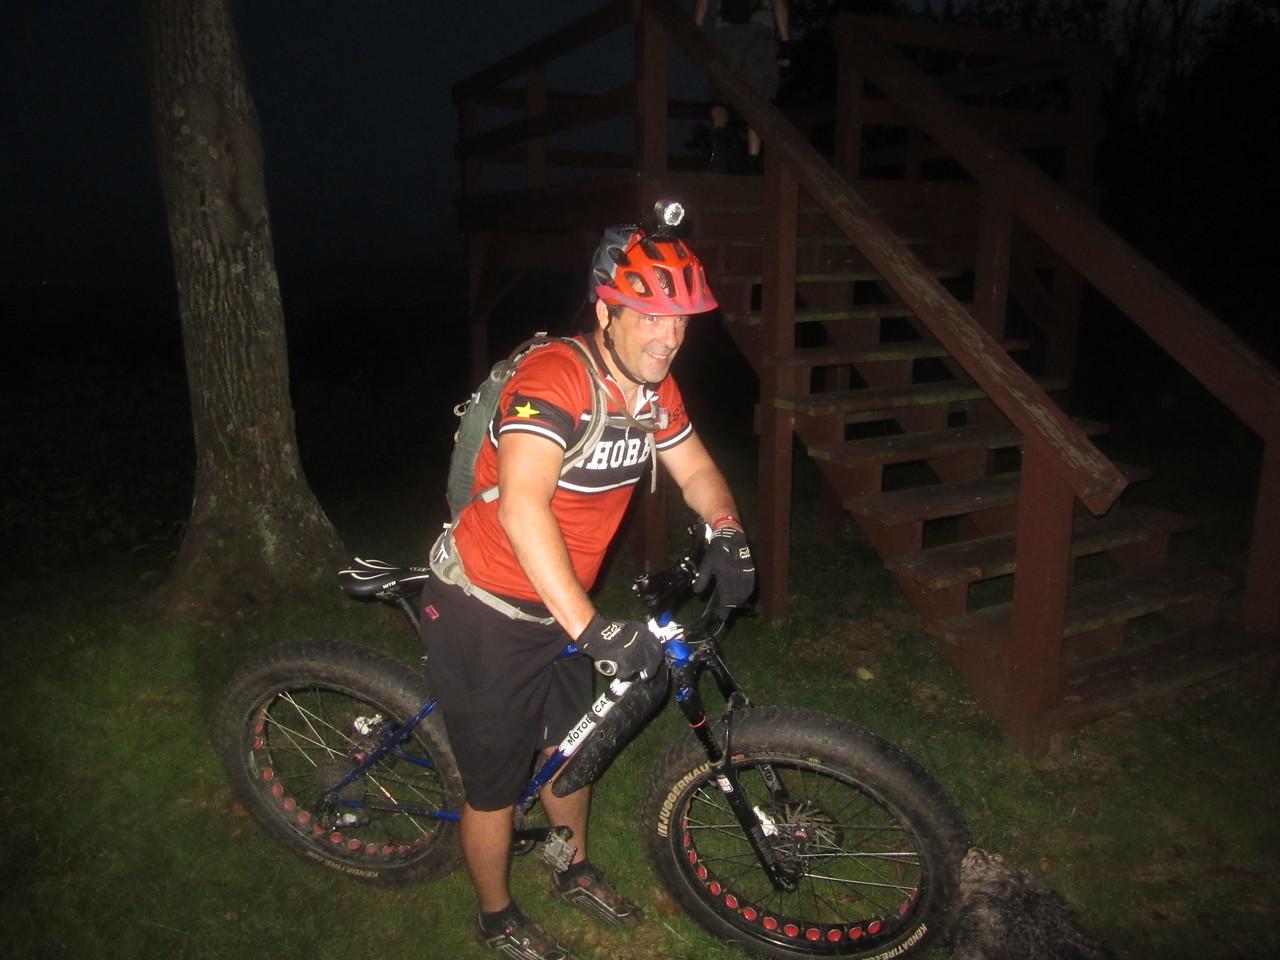 Kindercop is having fun on his fat bike tonight.